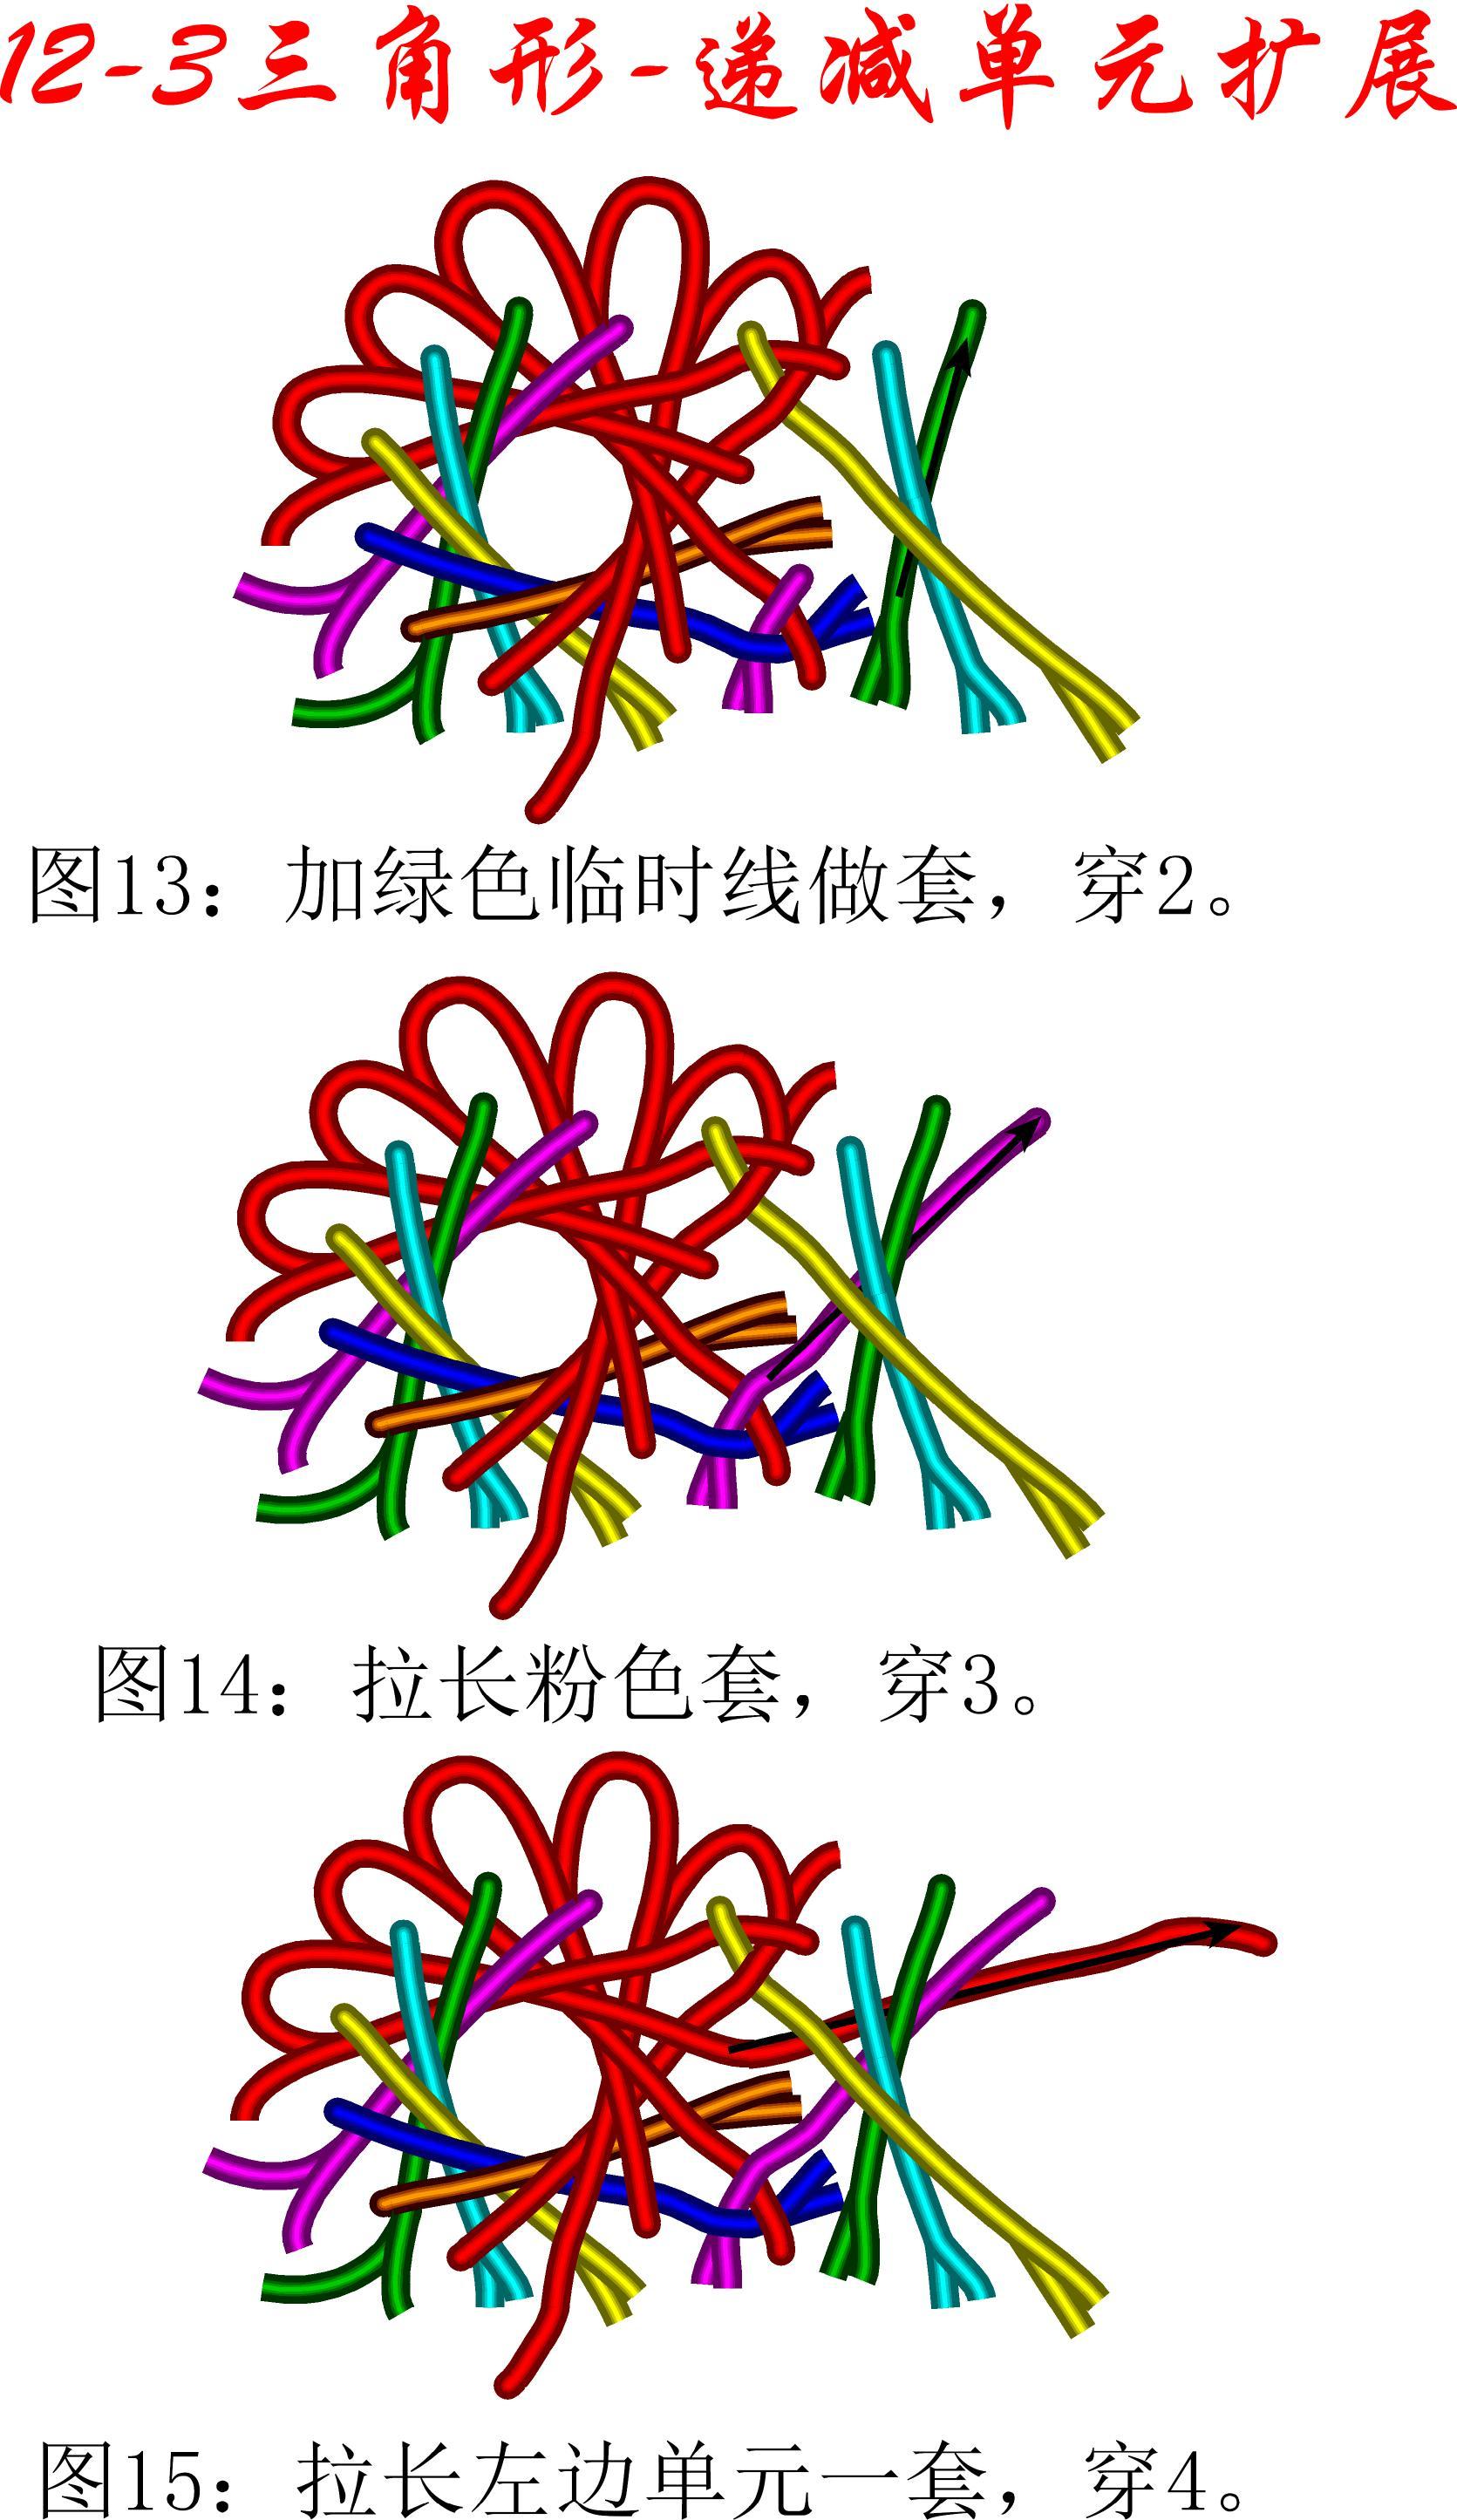 中国结论坛 12-3盘长减少单元扩展方法---三角盘长徒手教程 教程,基本单元,存储器扩展单元,星三角 丑丑徒手编结 174547nwjjnbz5d44ewe4j